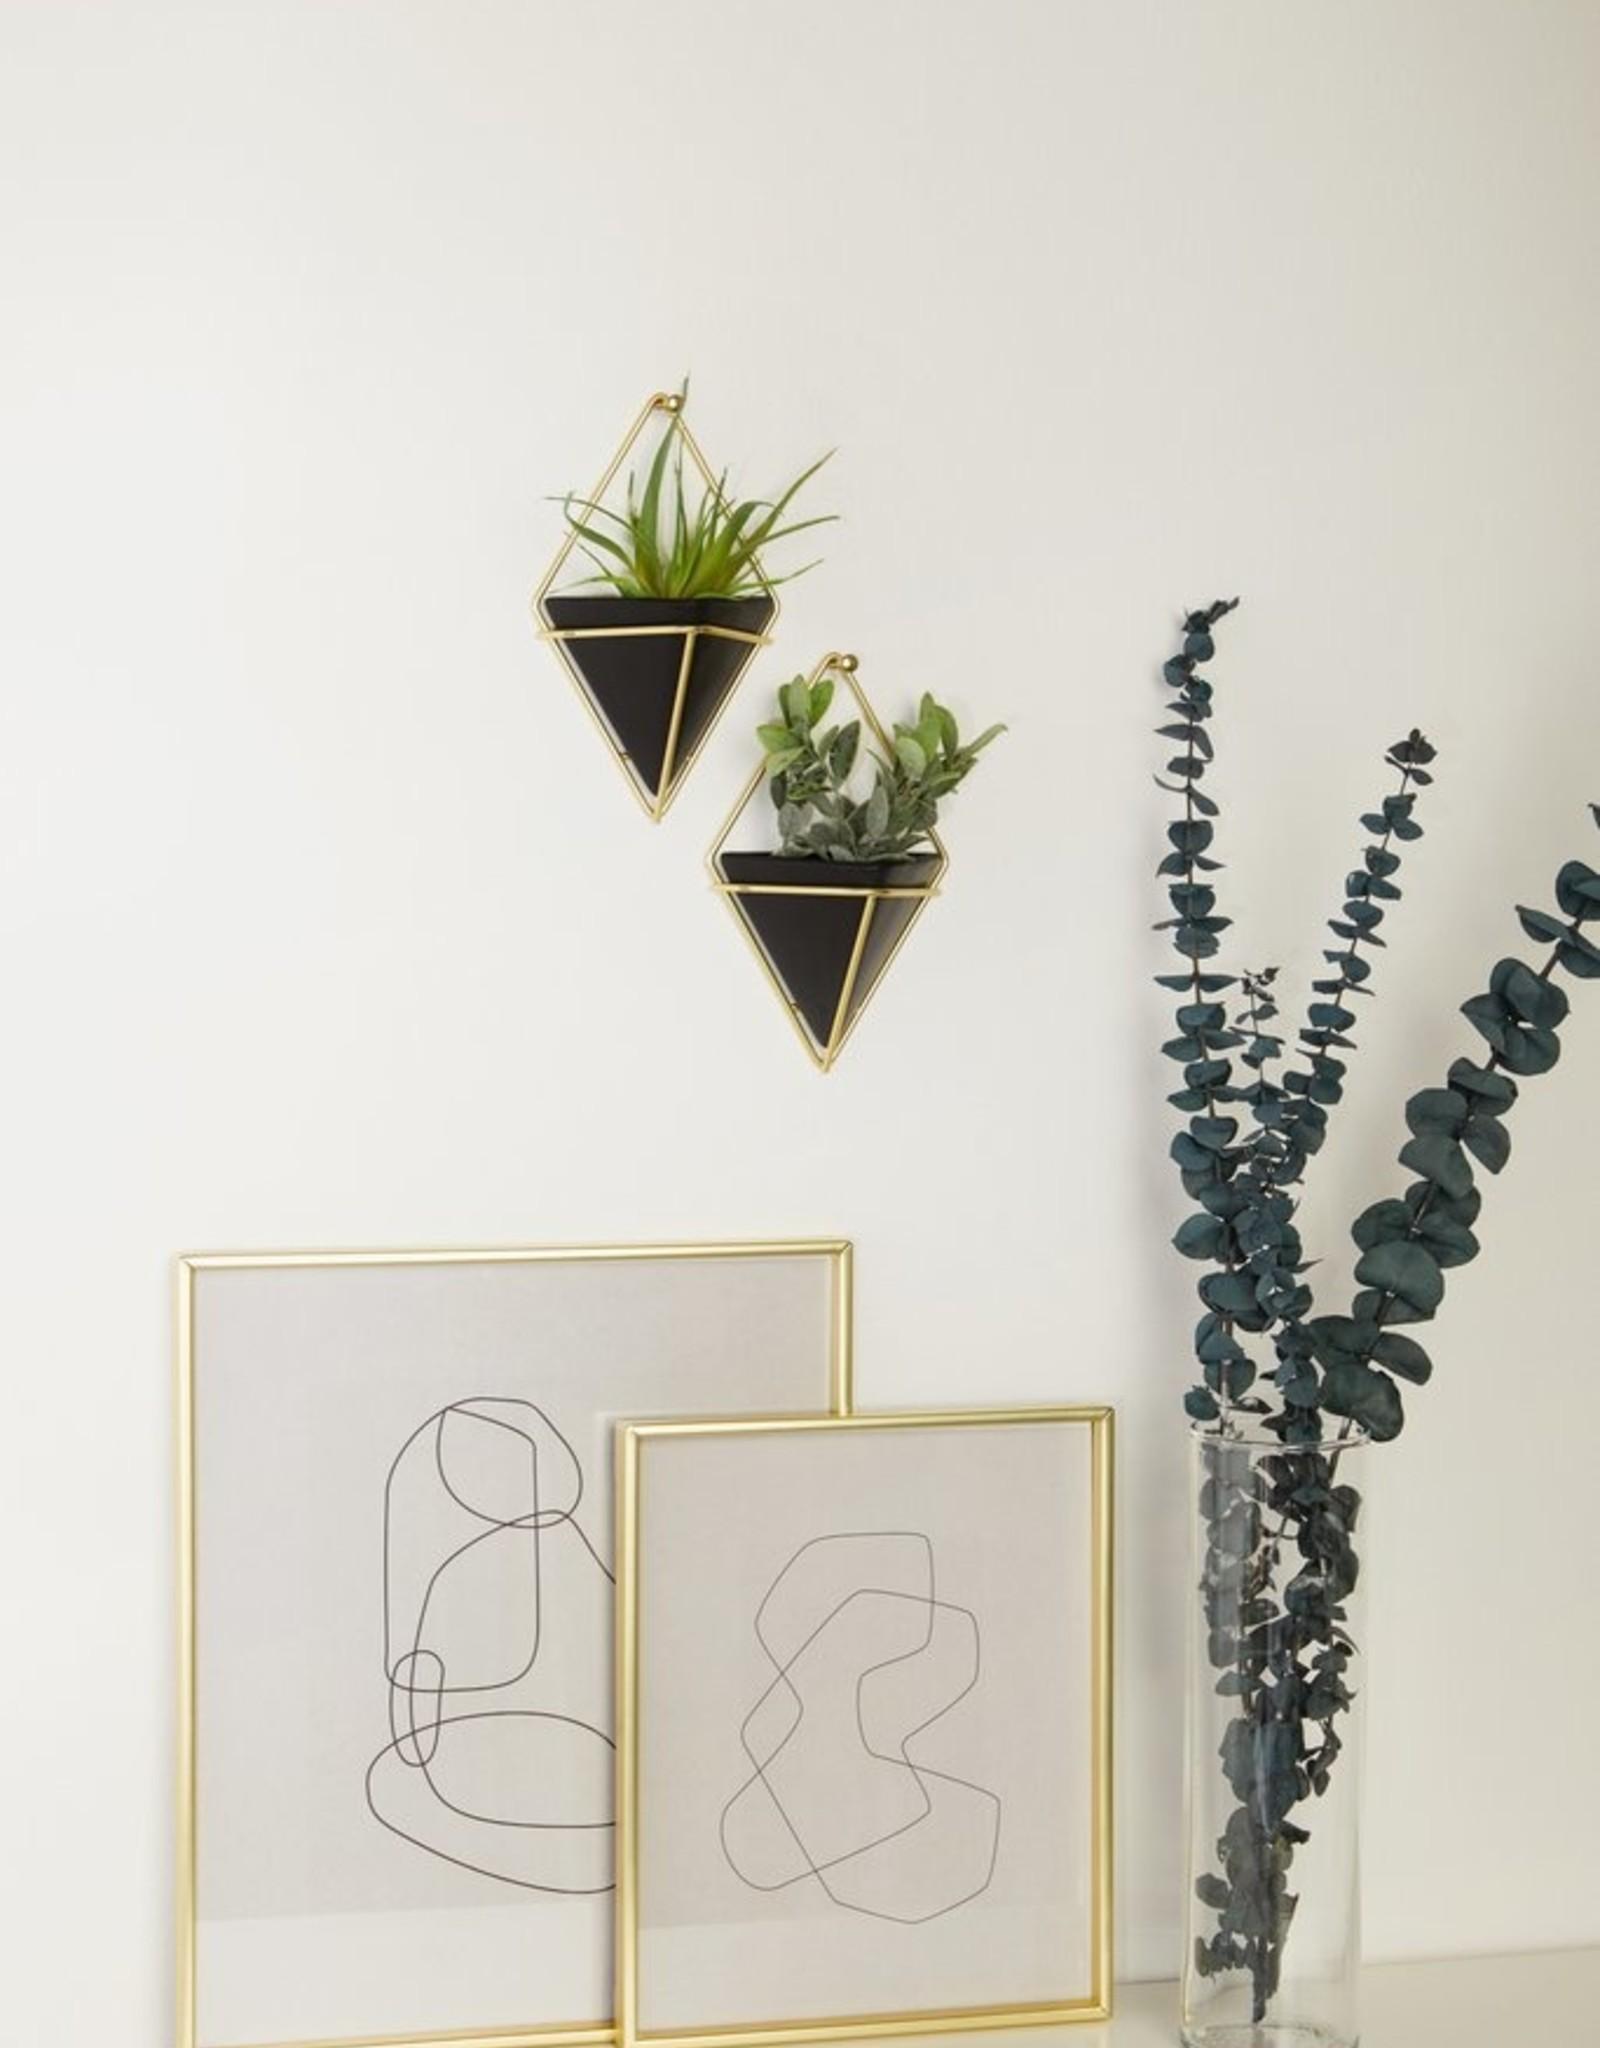 Umbra Umbra - Trigg wall display  sm